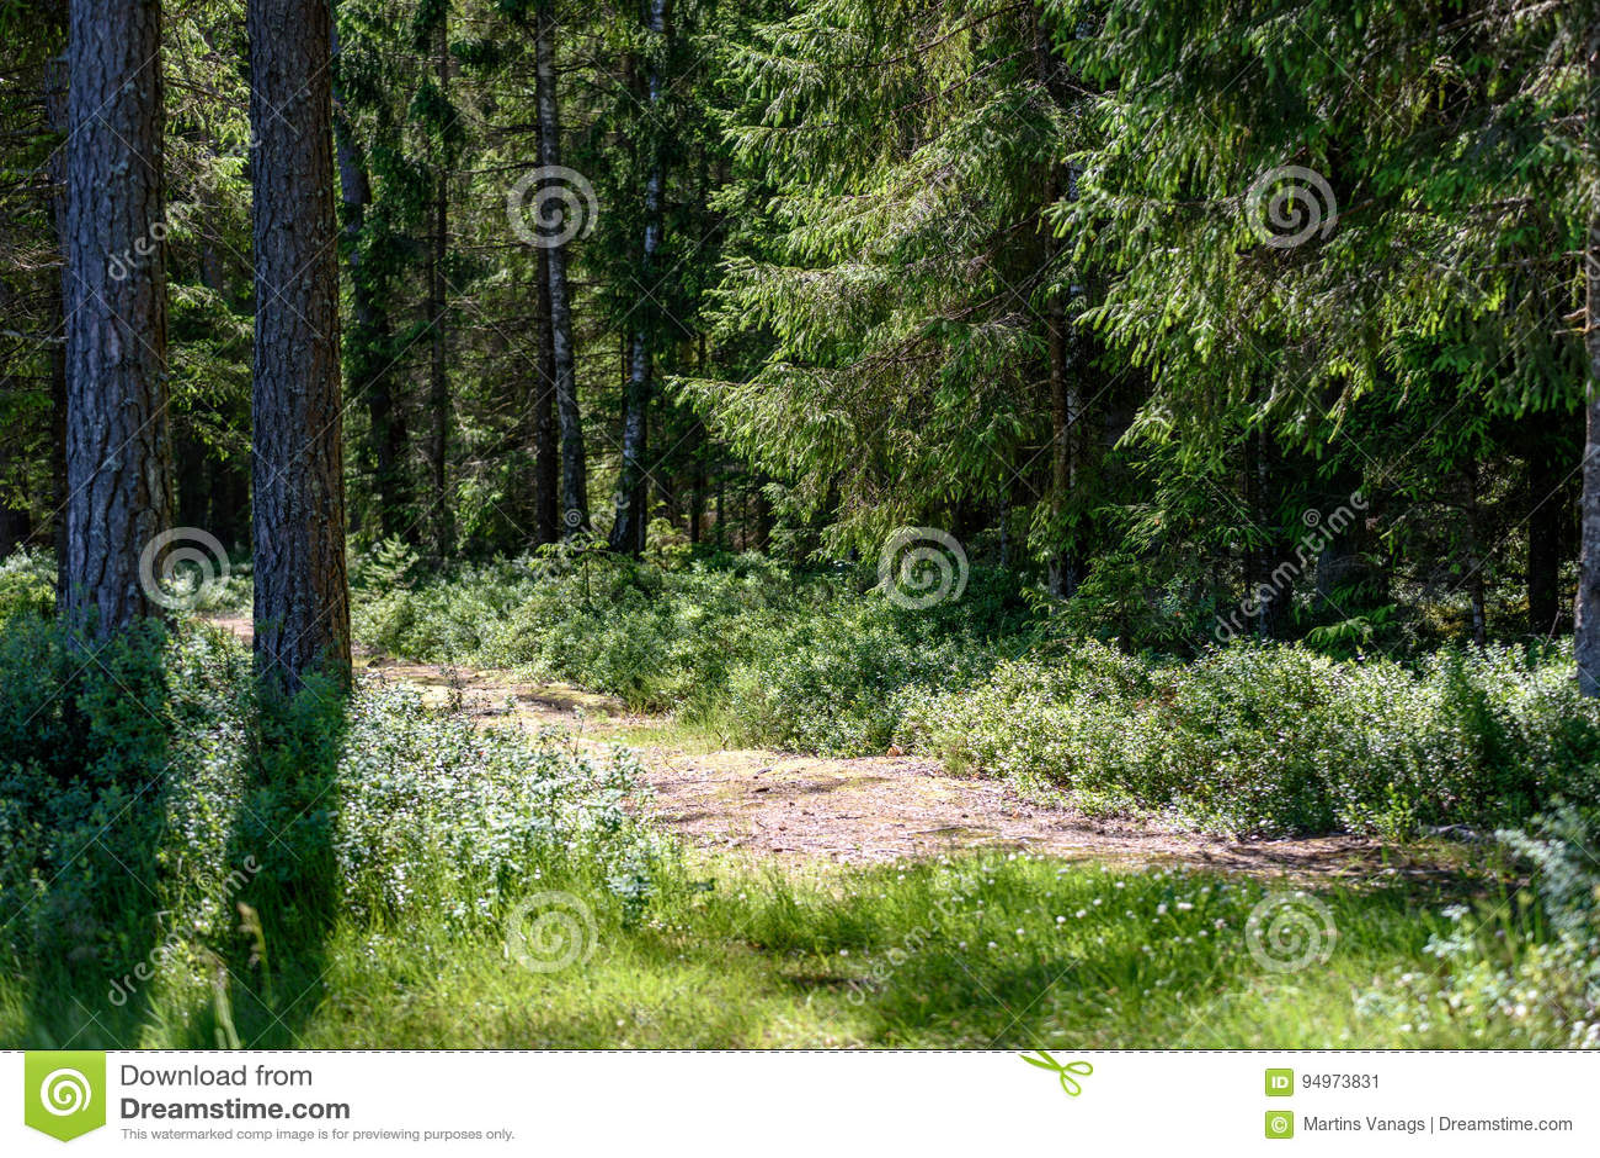 Lege weg in het platteland in de zomer